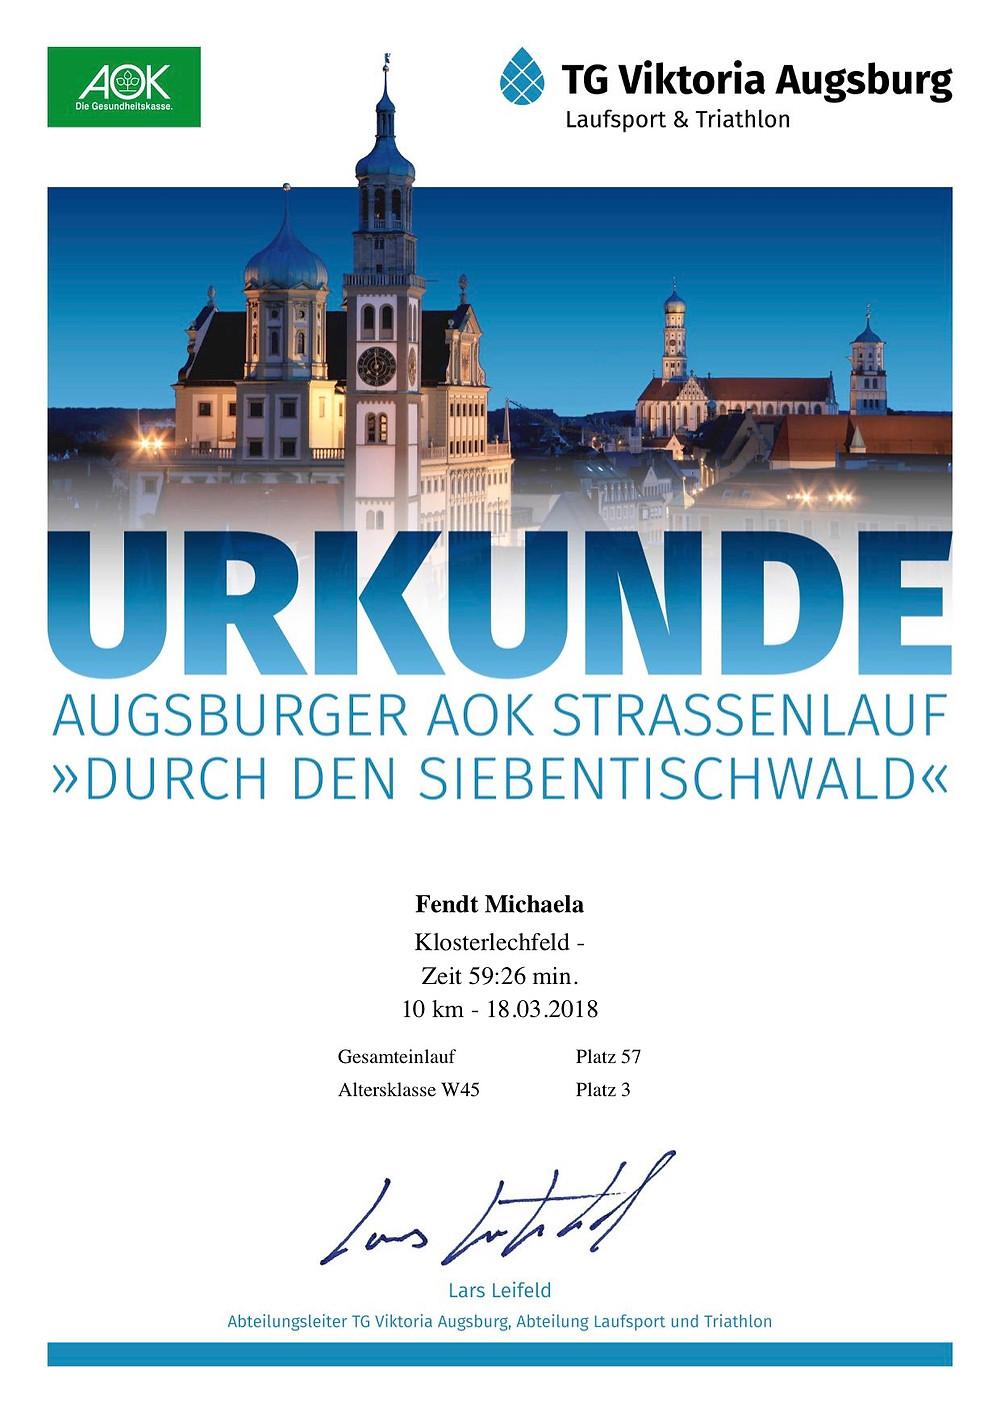 Laufinstinkt+ Augsburg - MEIN ERSTES 10KM-RENNEN - Wettkampftaufe - Bild 3